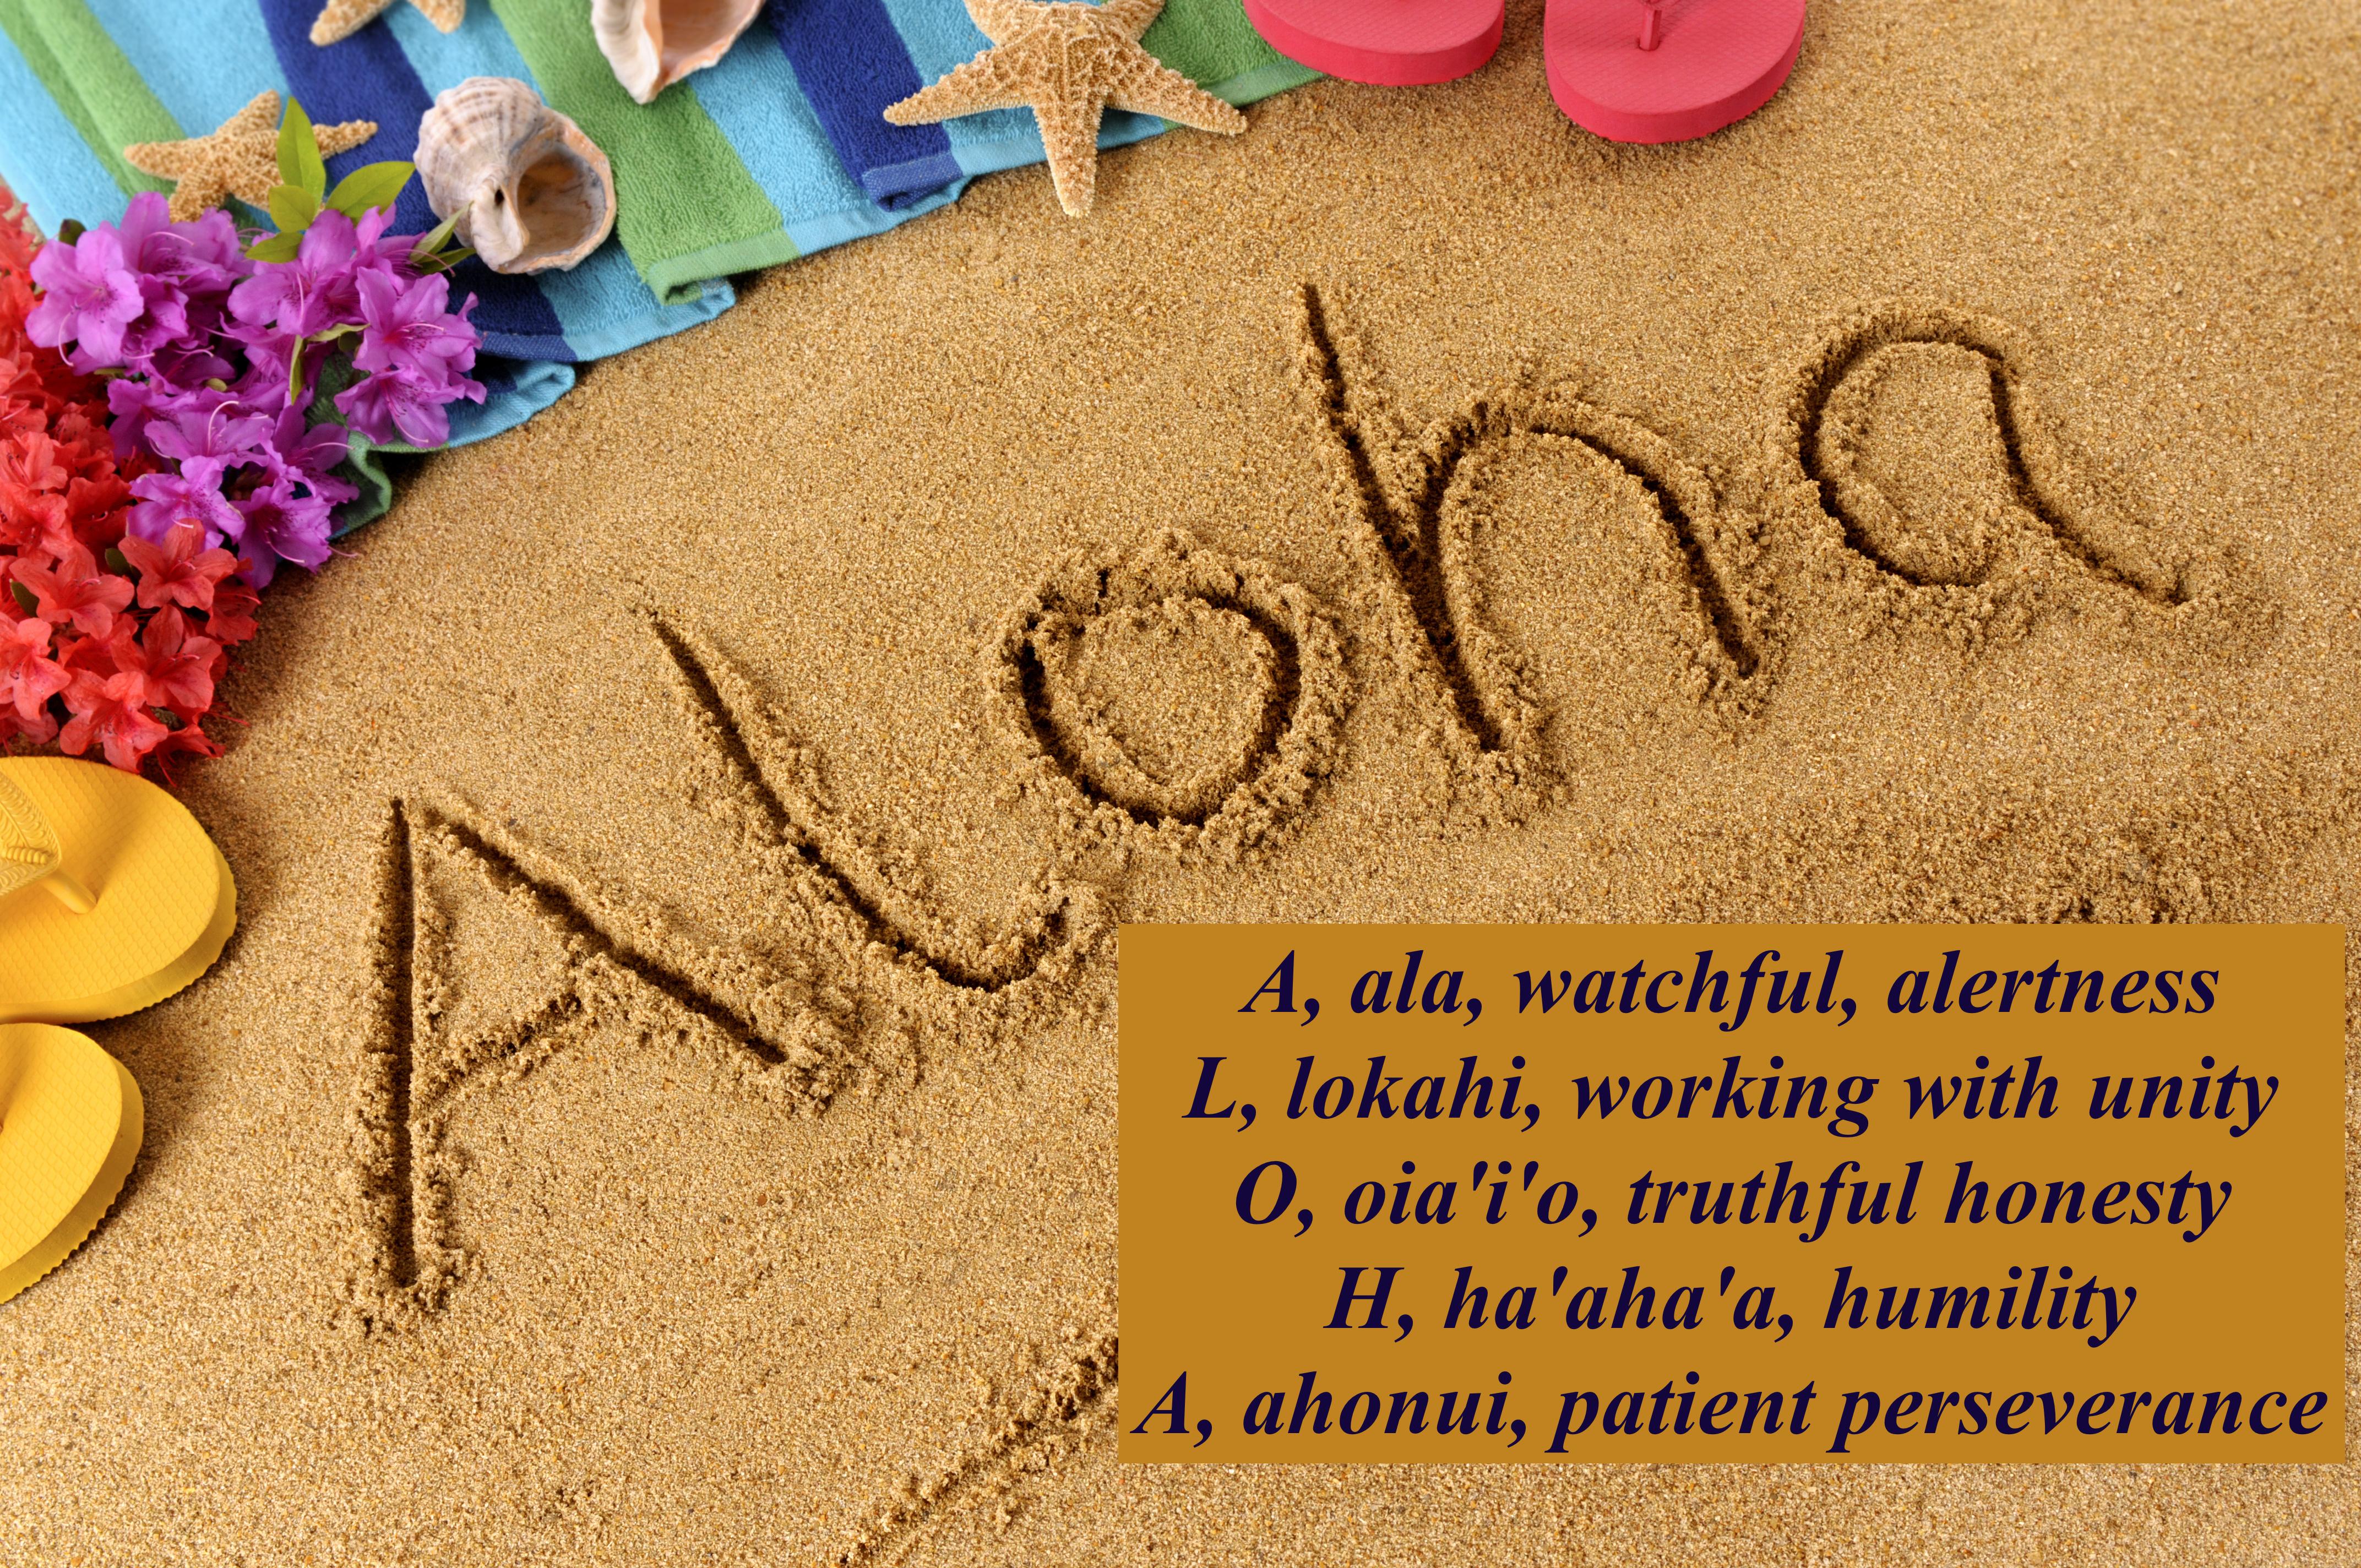 We will always be ohana ( family) in Aloha!